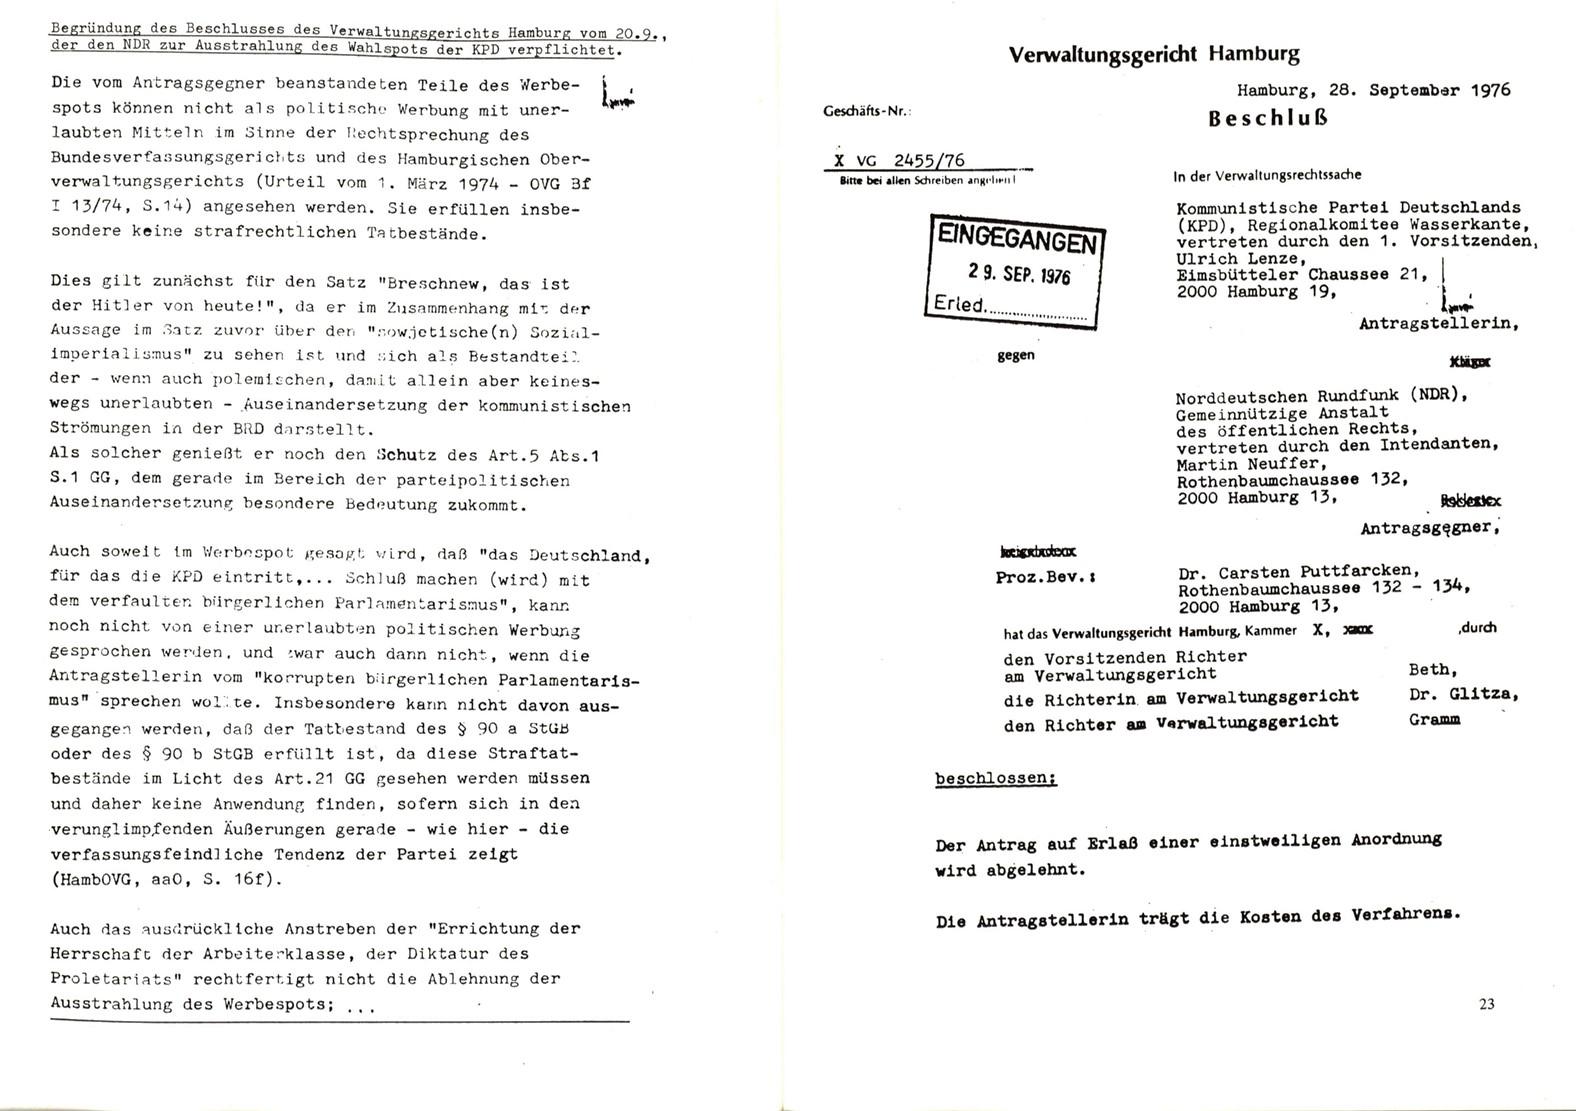 KPDAO_1976_Wahlbehinderungen_im_BTW_13